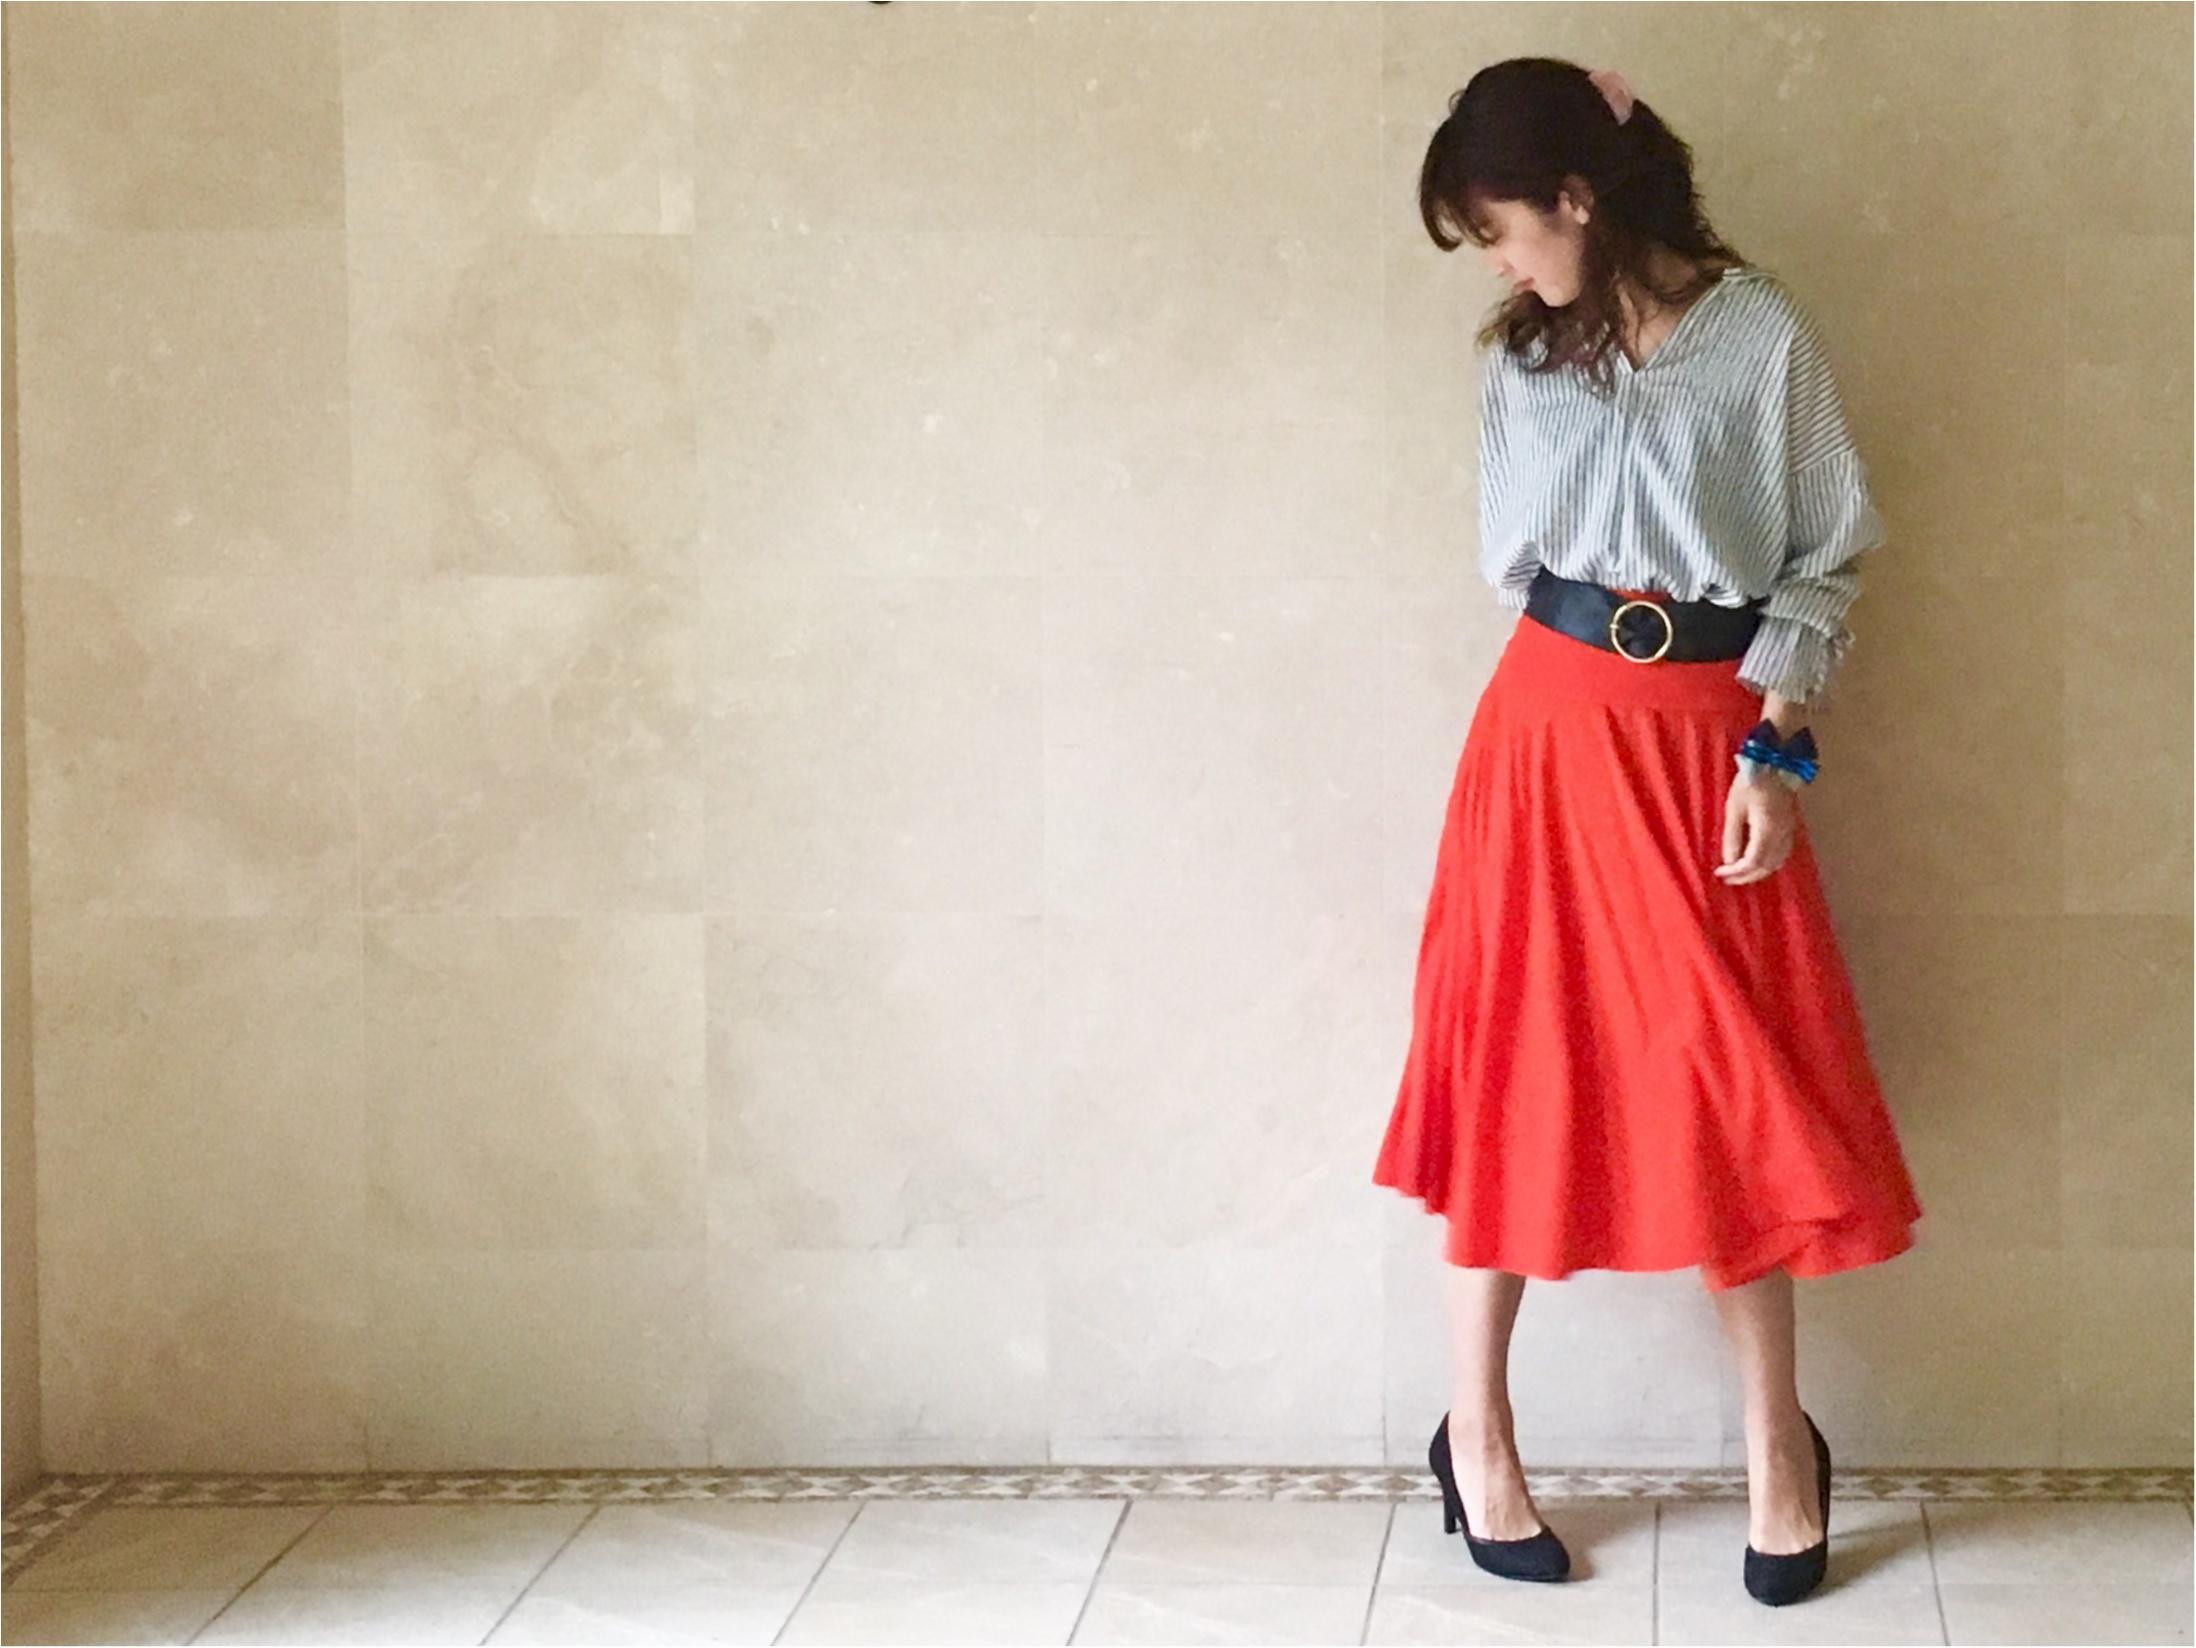 【UNIQLO】シワになりにくいからお手入れ楽チン❤️《美シルエットの優秀スカート》3選!_2